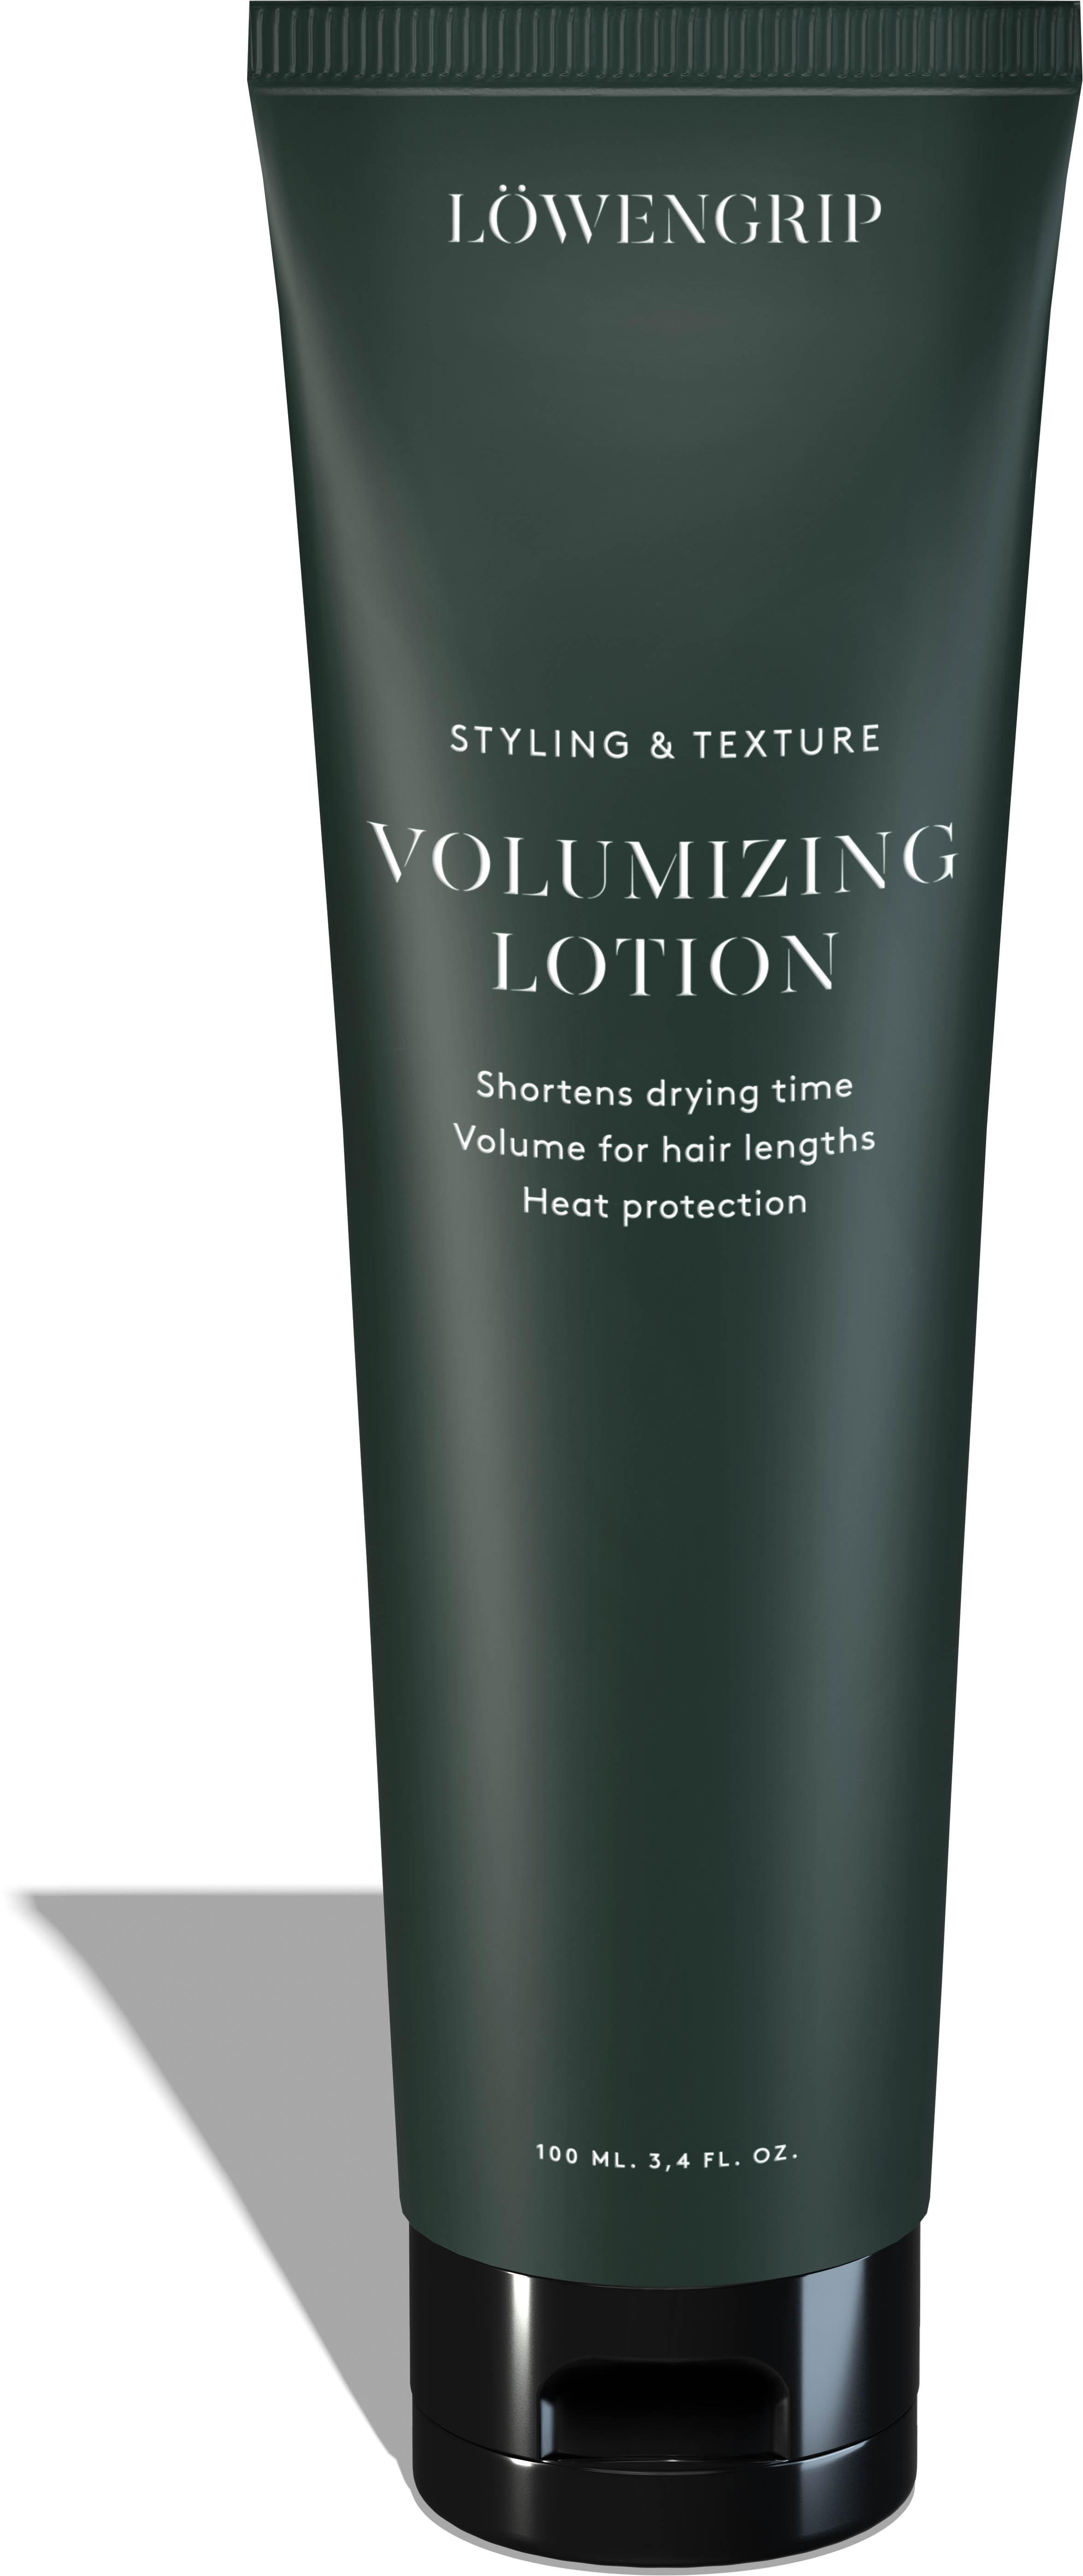 Styling & Texture - Volumizing Lotion 100ml